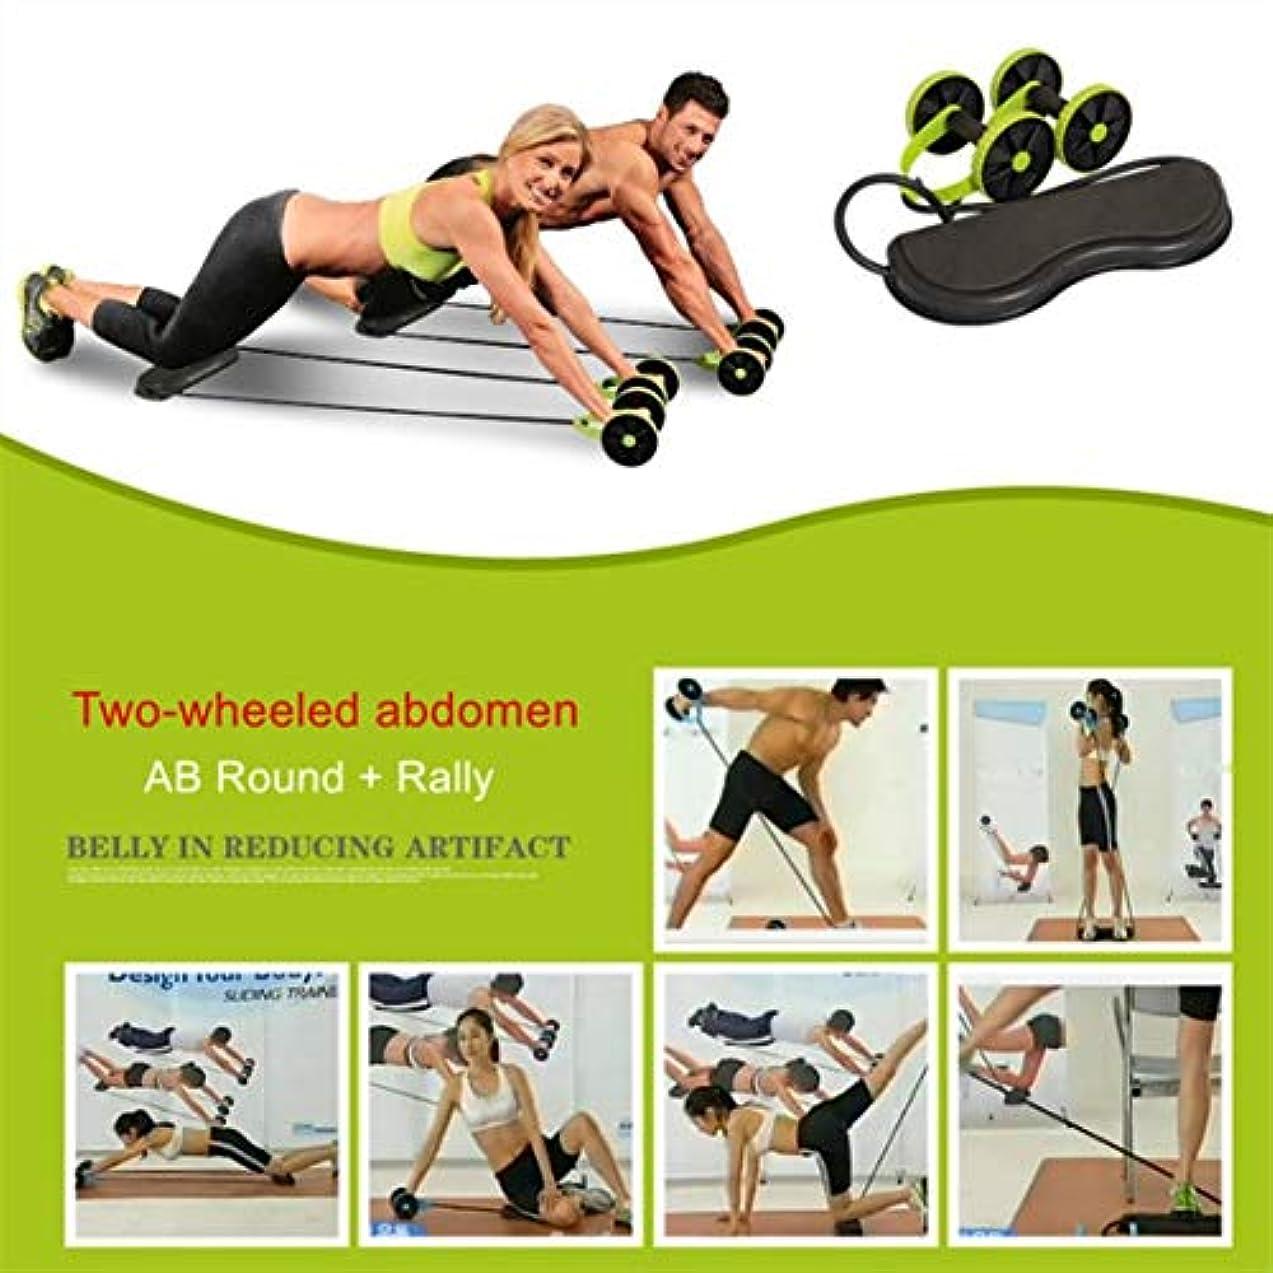 活気づく考えた肉のJS-04多機能腹輪腹筋輪腹輪テンションロープ筋肉トレーニングマシン